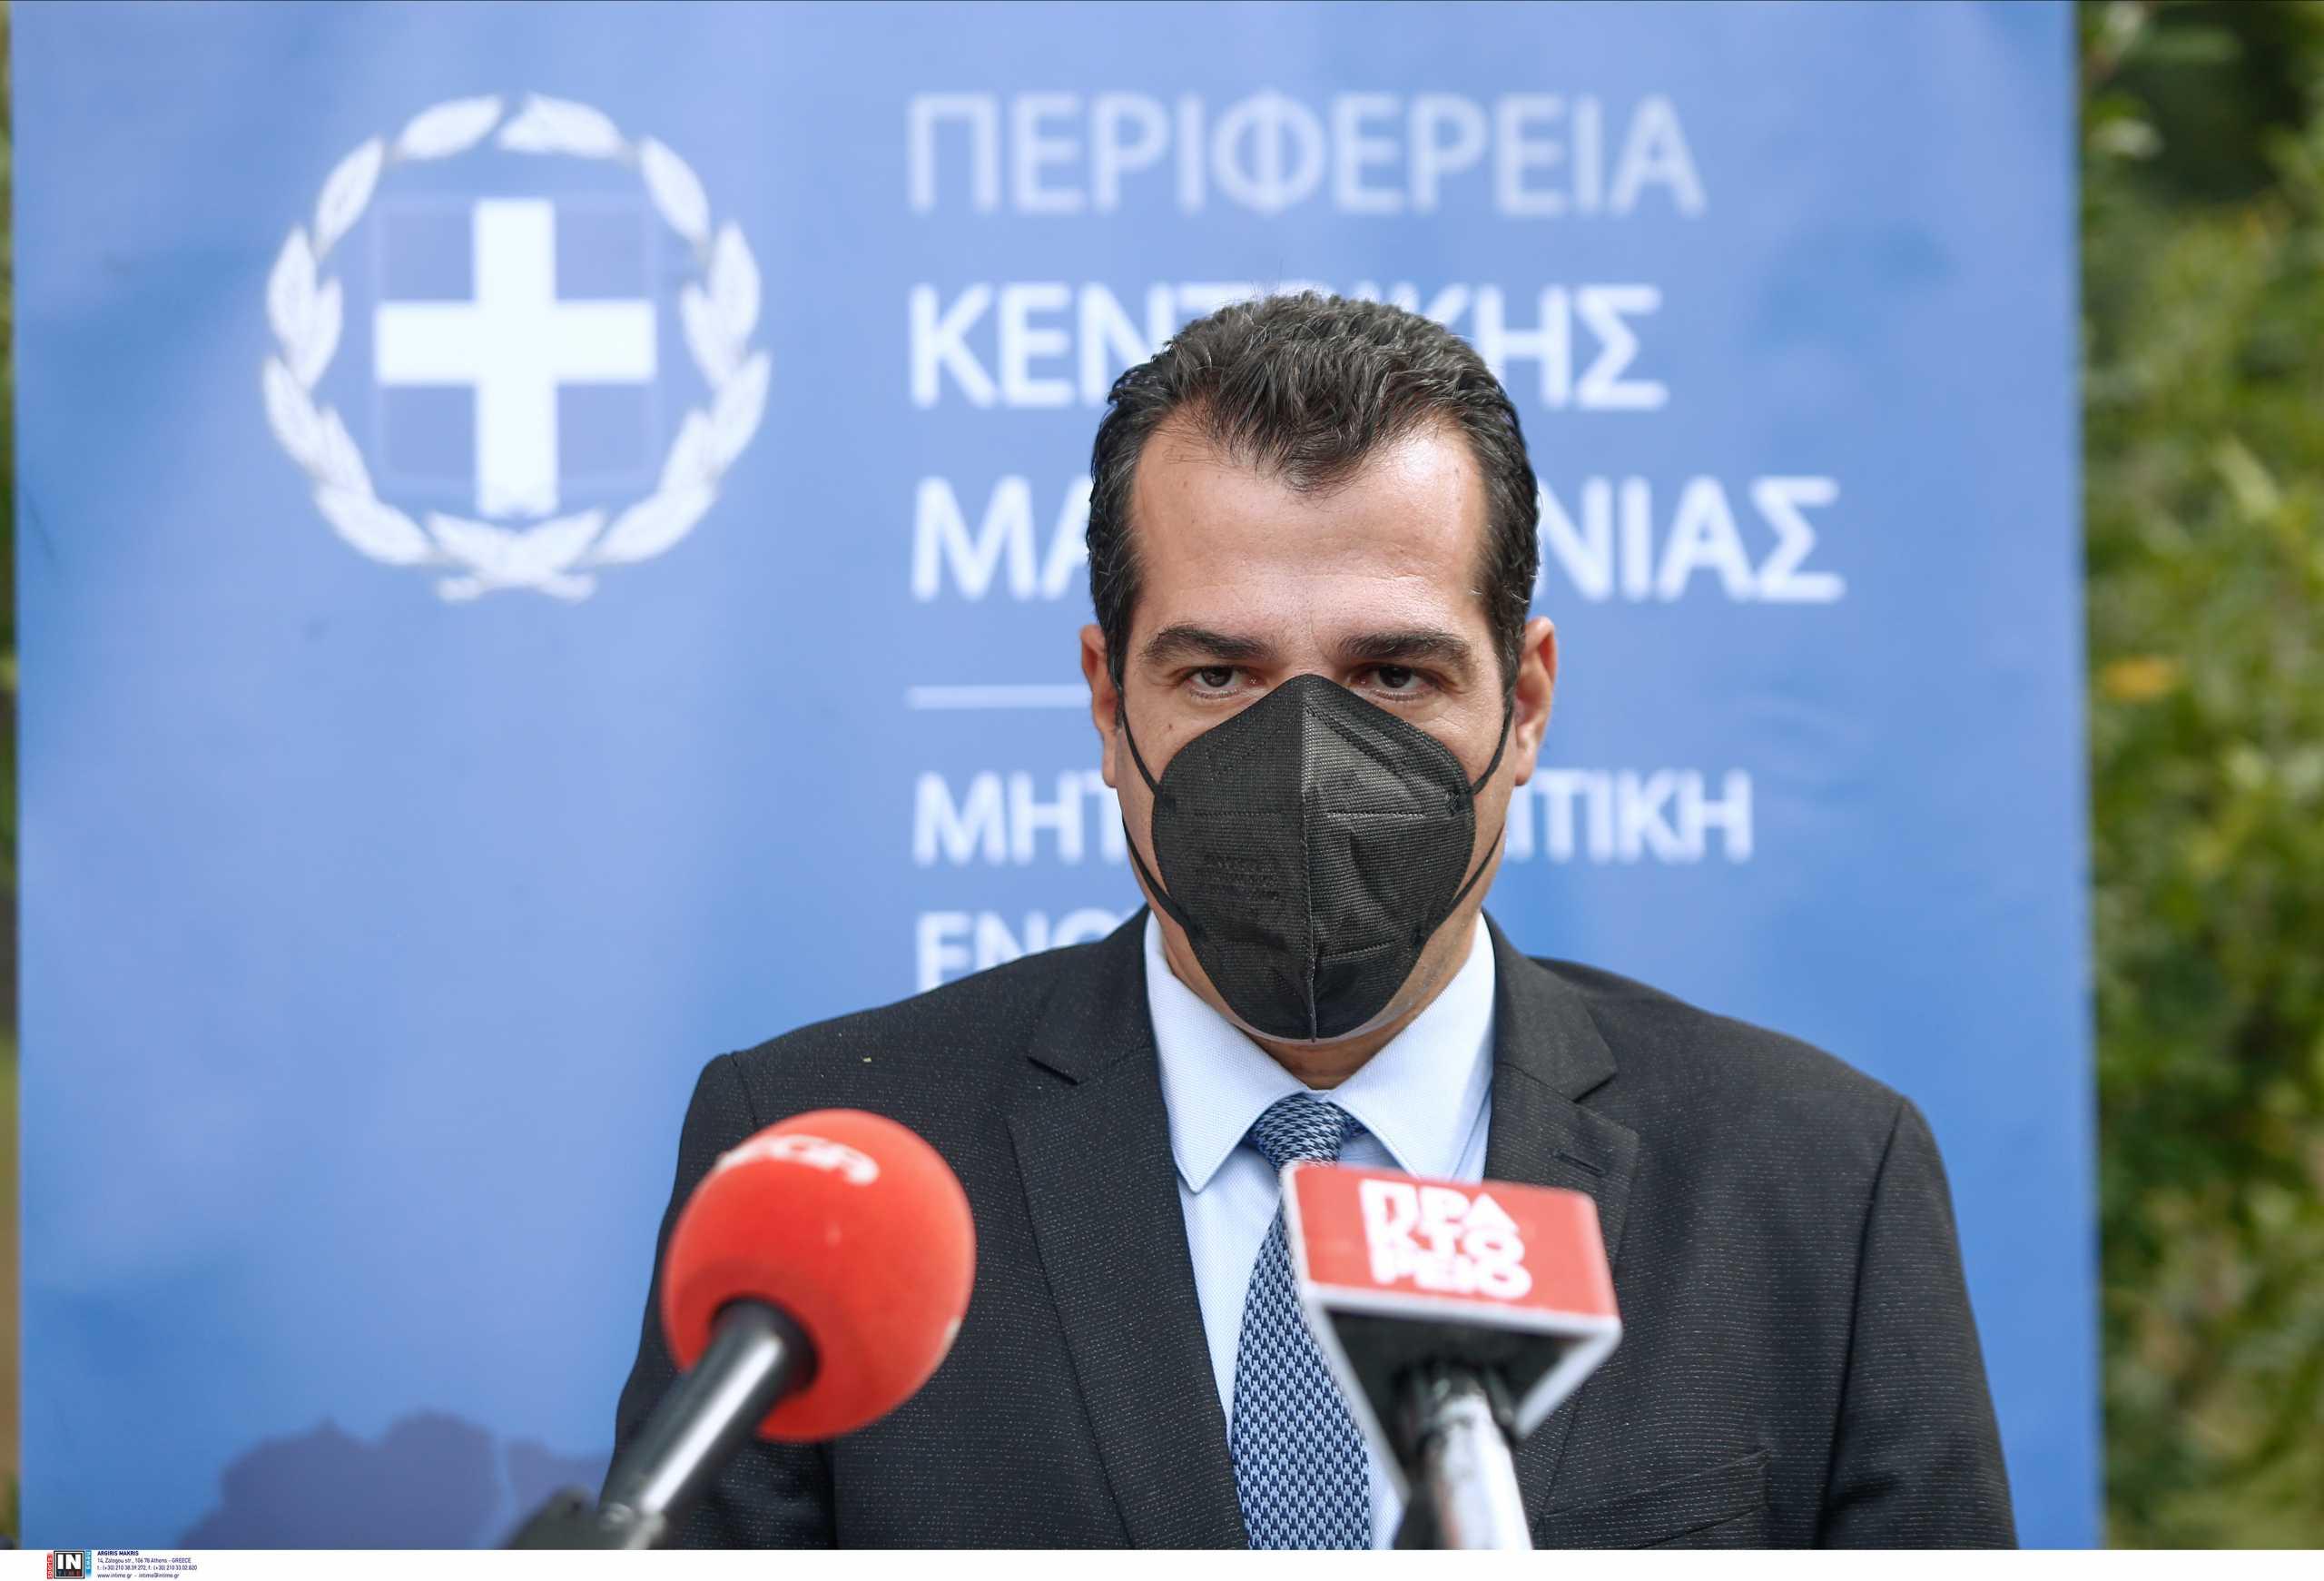 Θάνος Πλεύρης: Σχέδιο ελευθερίας για εμβολιασμένους – Η οικονομία δεν κλείνει εξαιτίας των ανεμβολίαστων